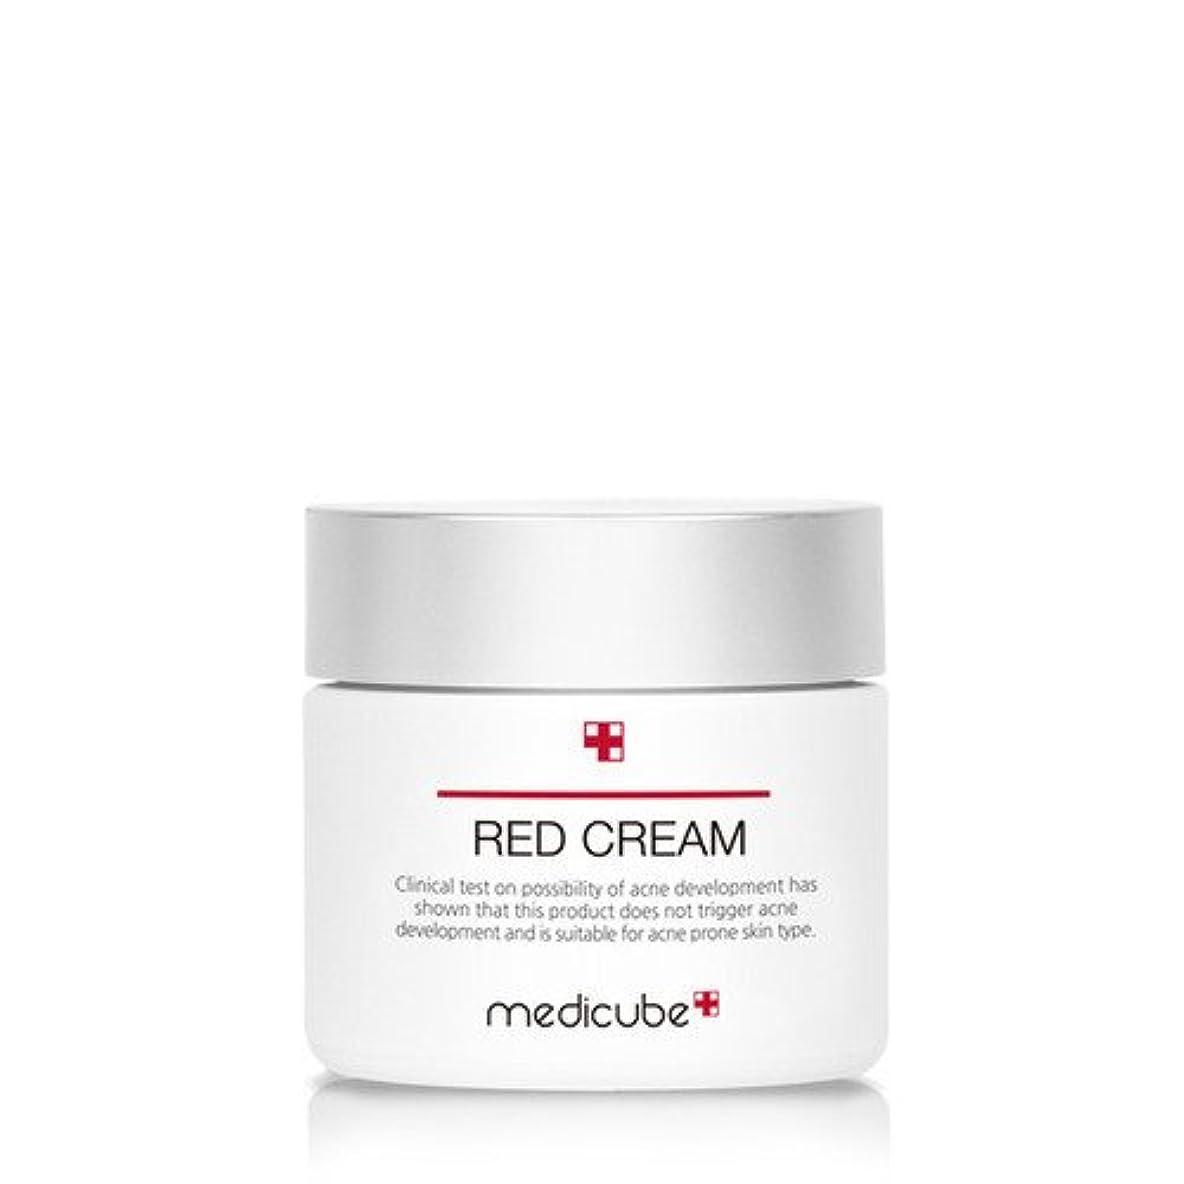 脈拍蒸留傑作[Medicube]メディキューブ レッドクリーム 50ml / Medicube Red Cream 50ml / 正品?海外直送商品 [並行輸入品]